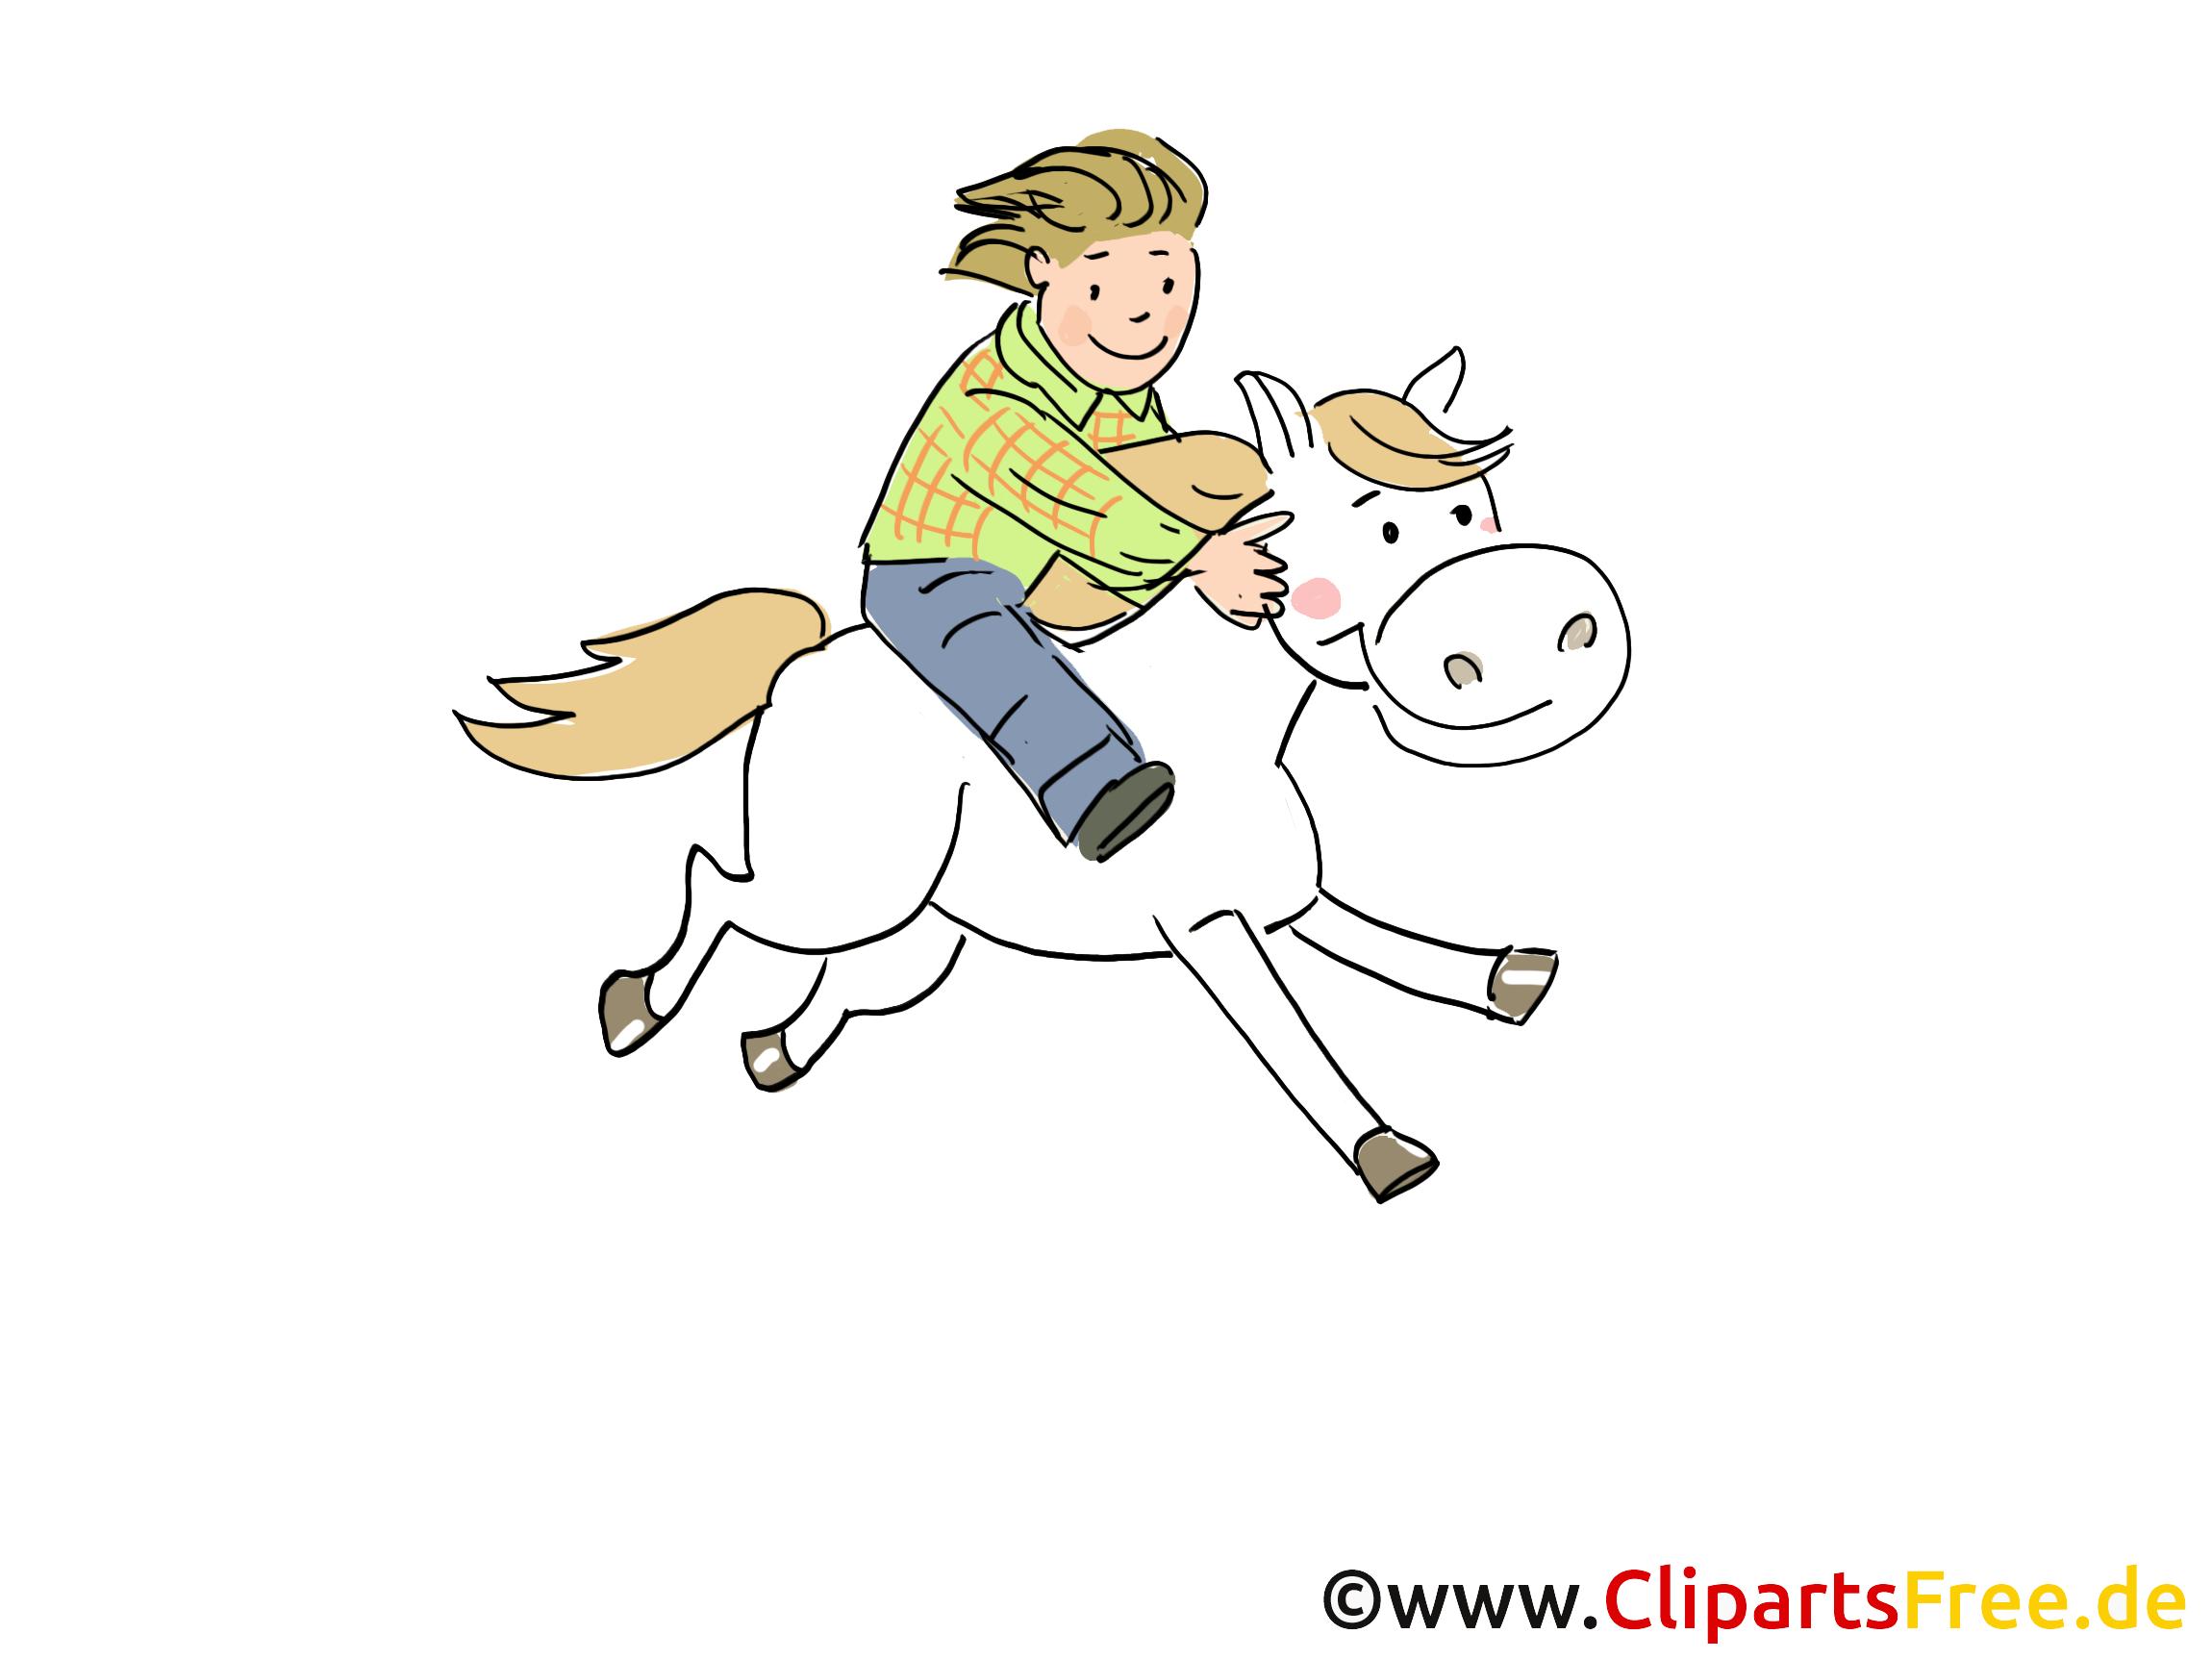 Cheval dessin gratuit – Ferme image